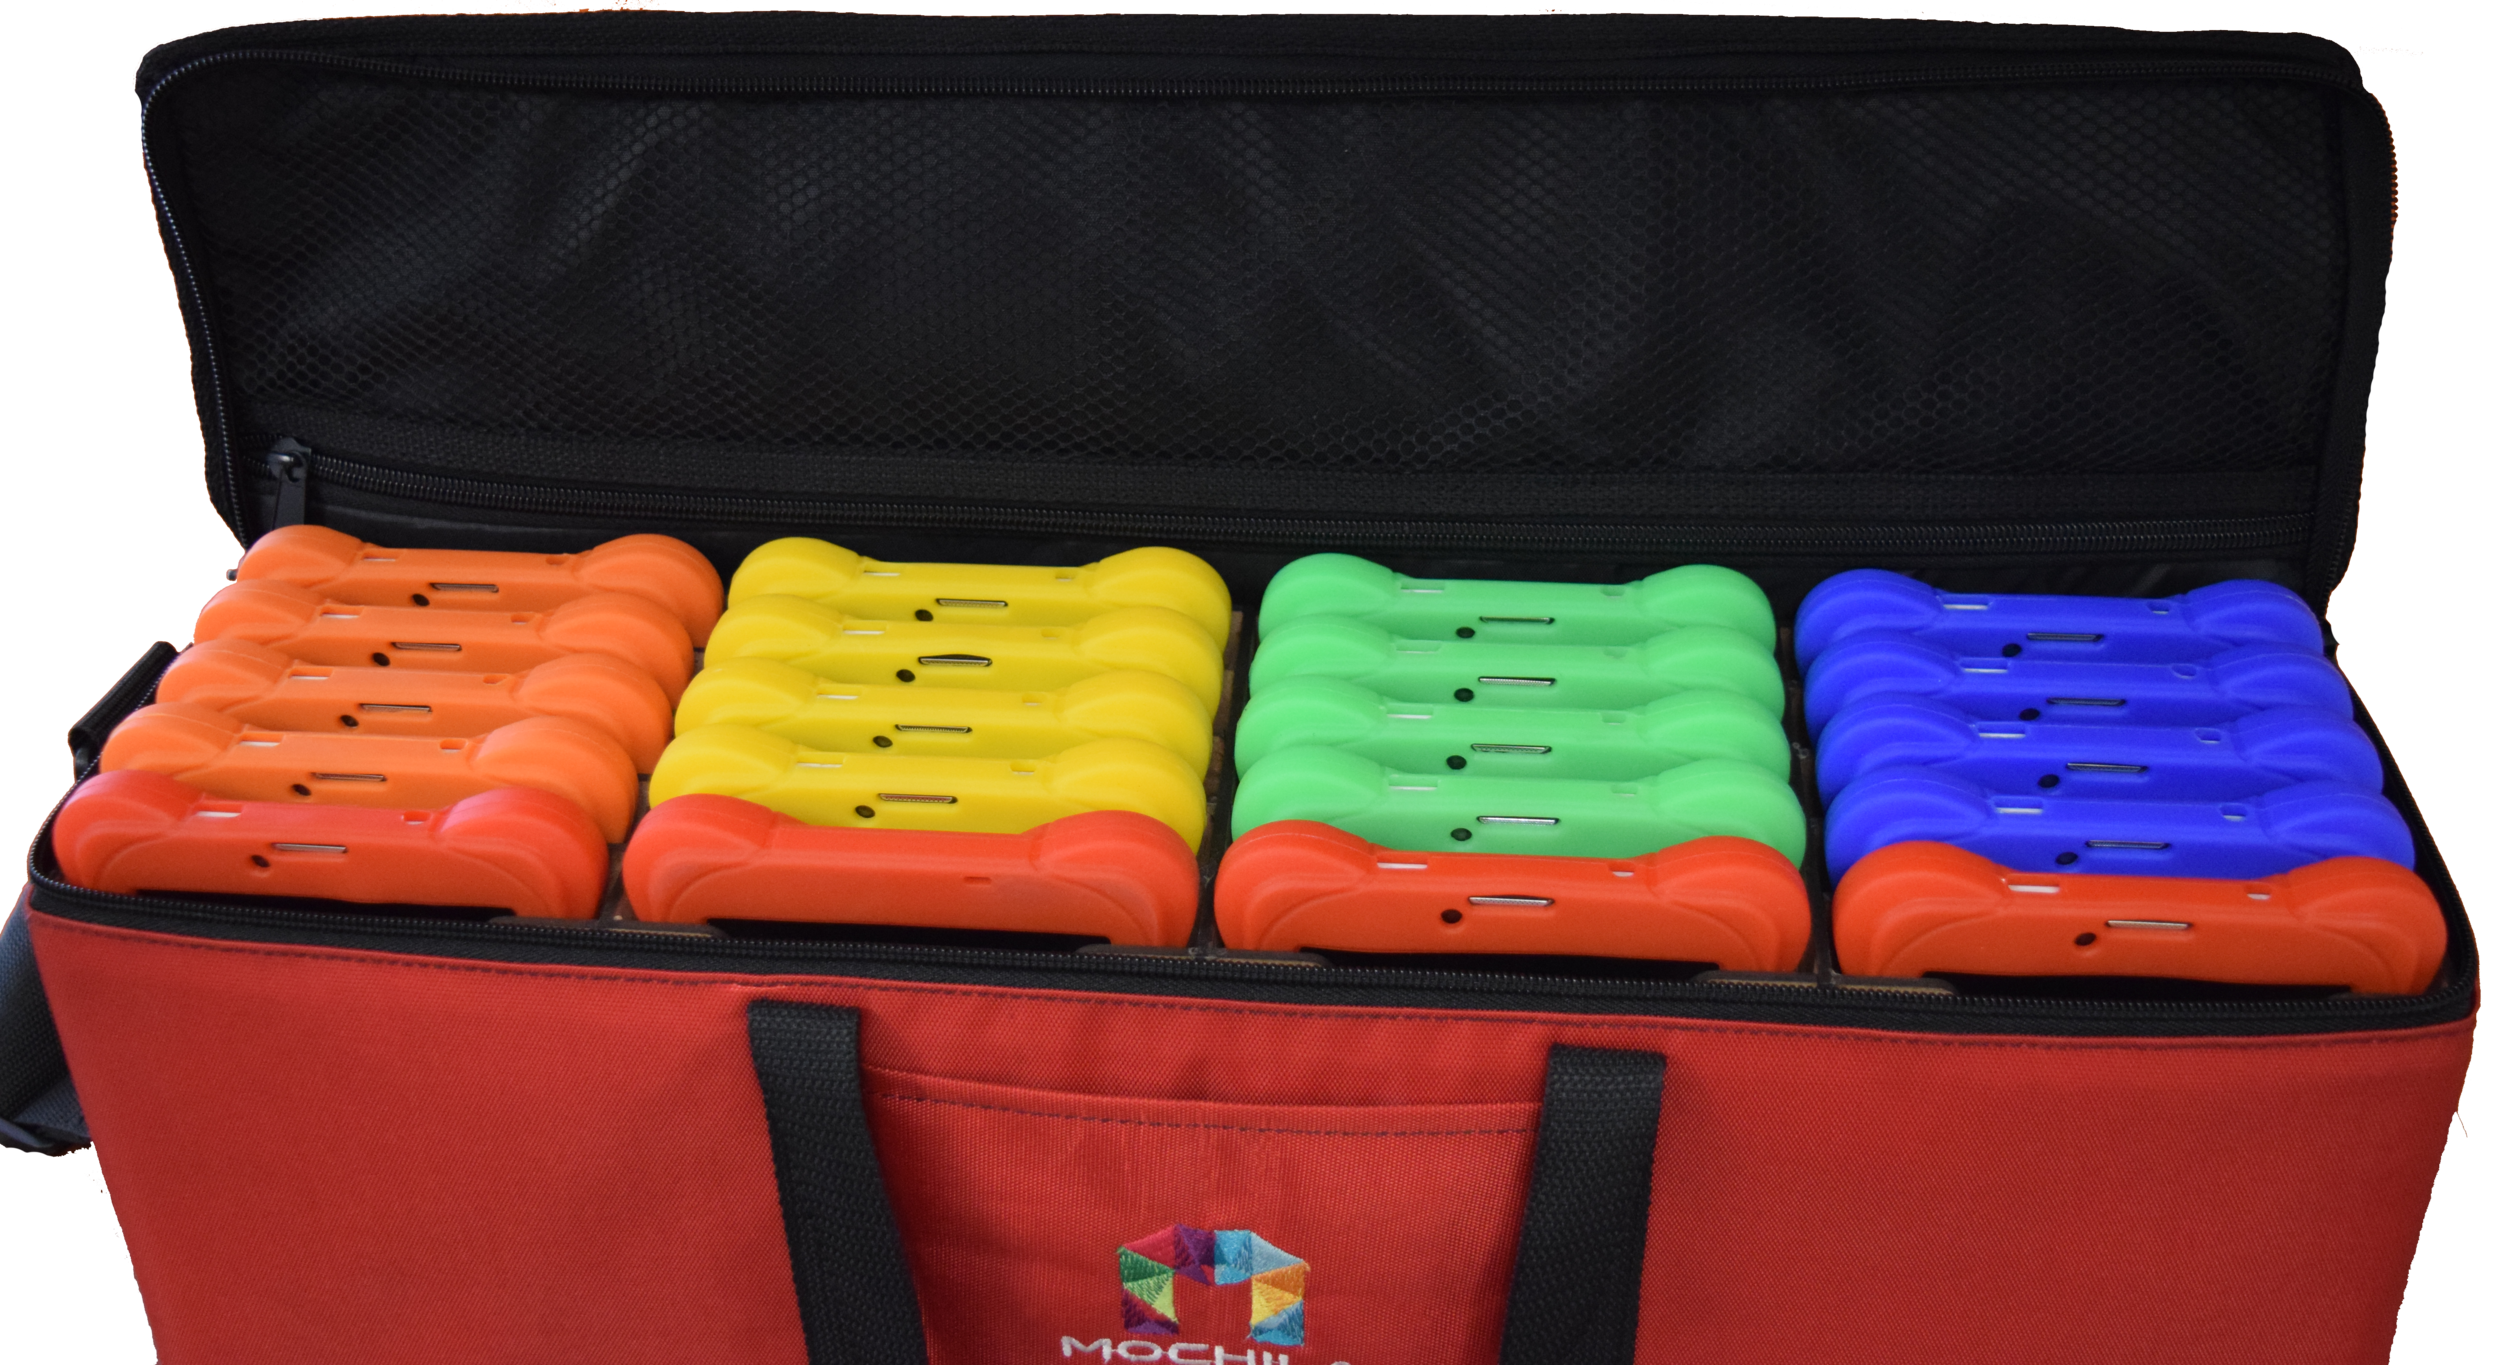 Bolso portátil de 20 Unidades - El bolso portátil, permite llevar hasta 20 Mochilas Digitales, elaborado con material resistentes, con depósitos de madera ligera, que permiten que sea cómodo, fácil y práctico.